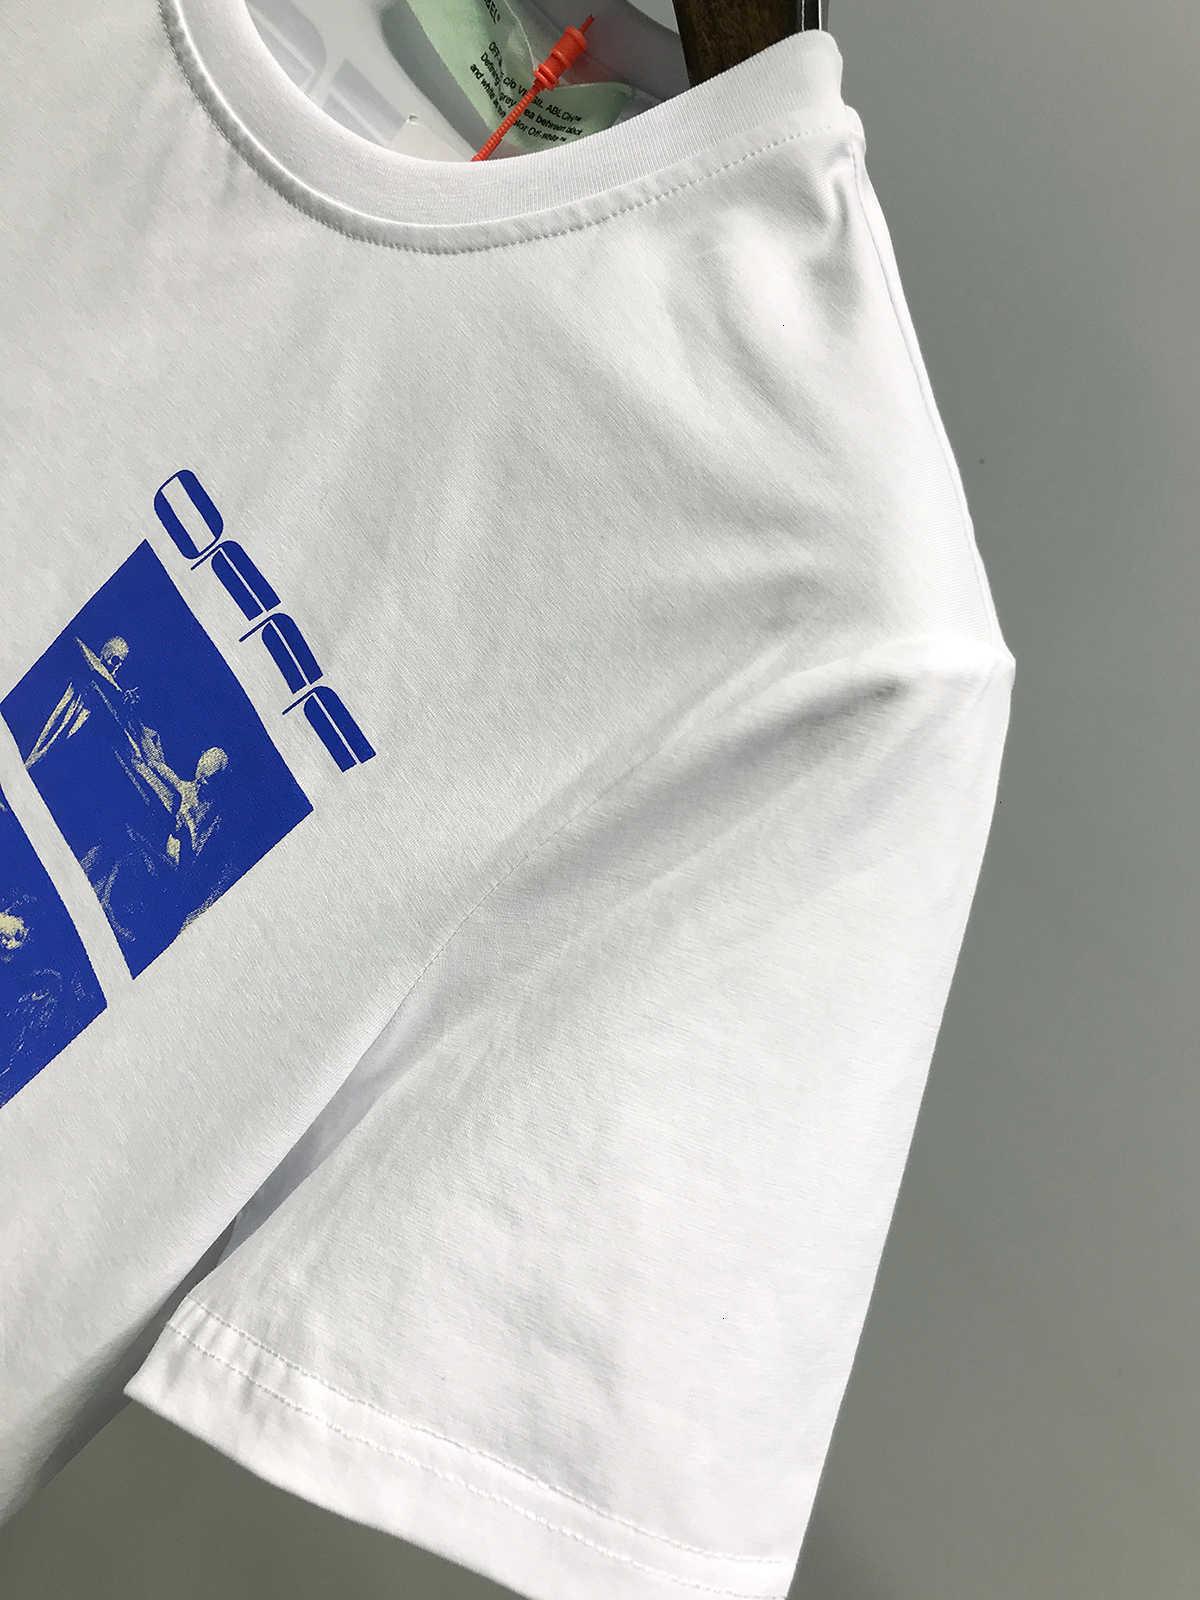 2020 Nuevo Modelo del verano de la alta calidad del cortocircuito del hombre Impresión en camisetas Hombre media manga que basa la ropa blusas 11283 grande